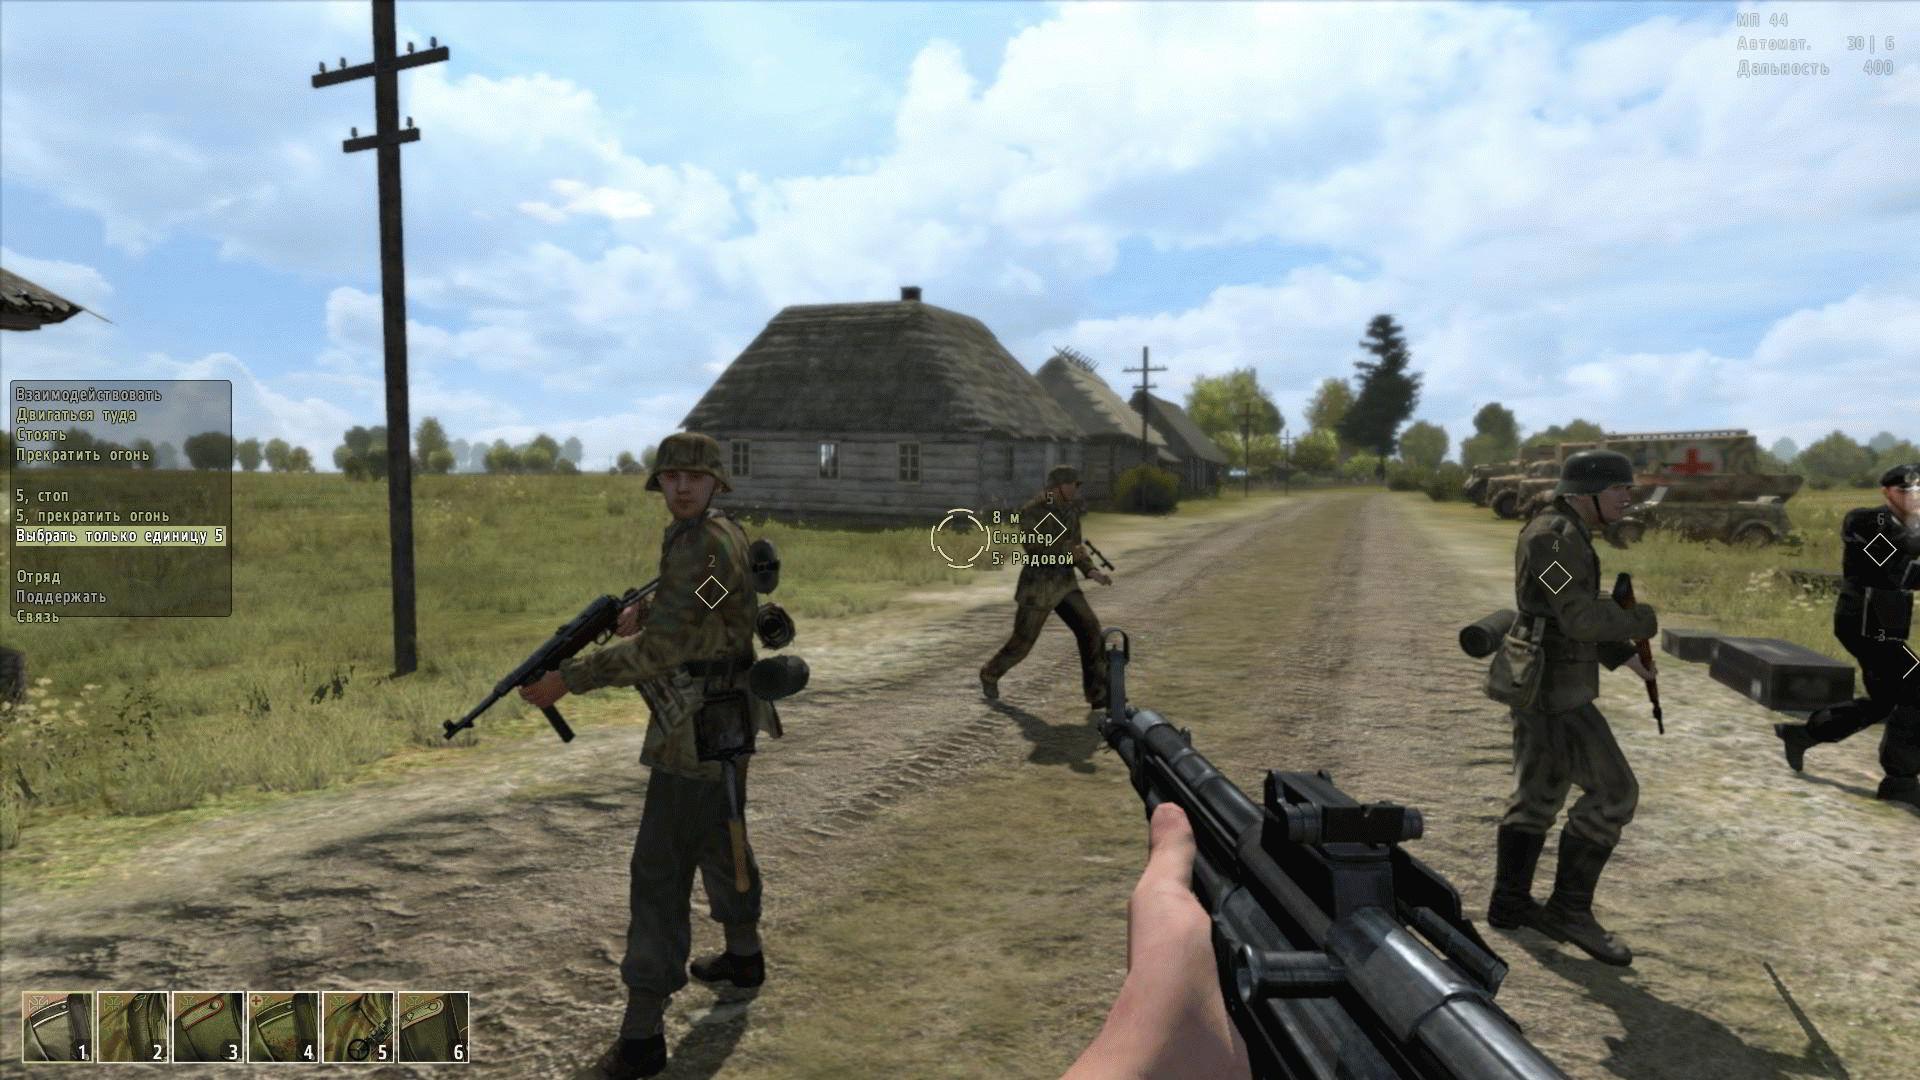 Iron front liberation 1944 моды скачать торрент